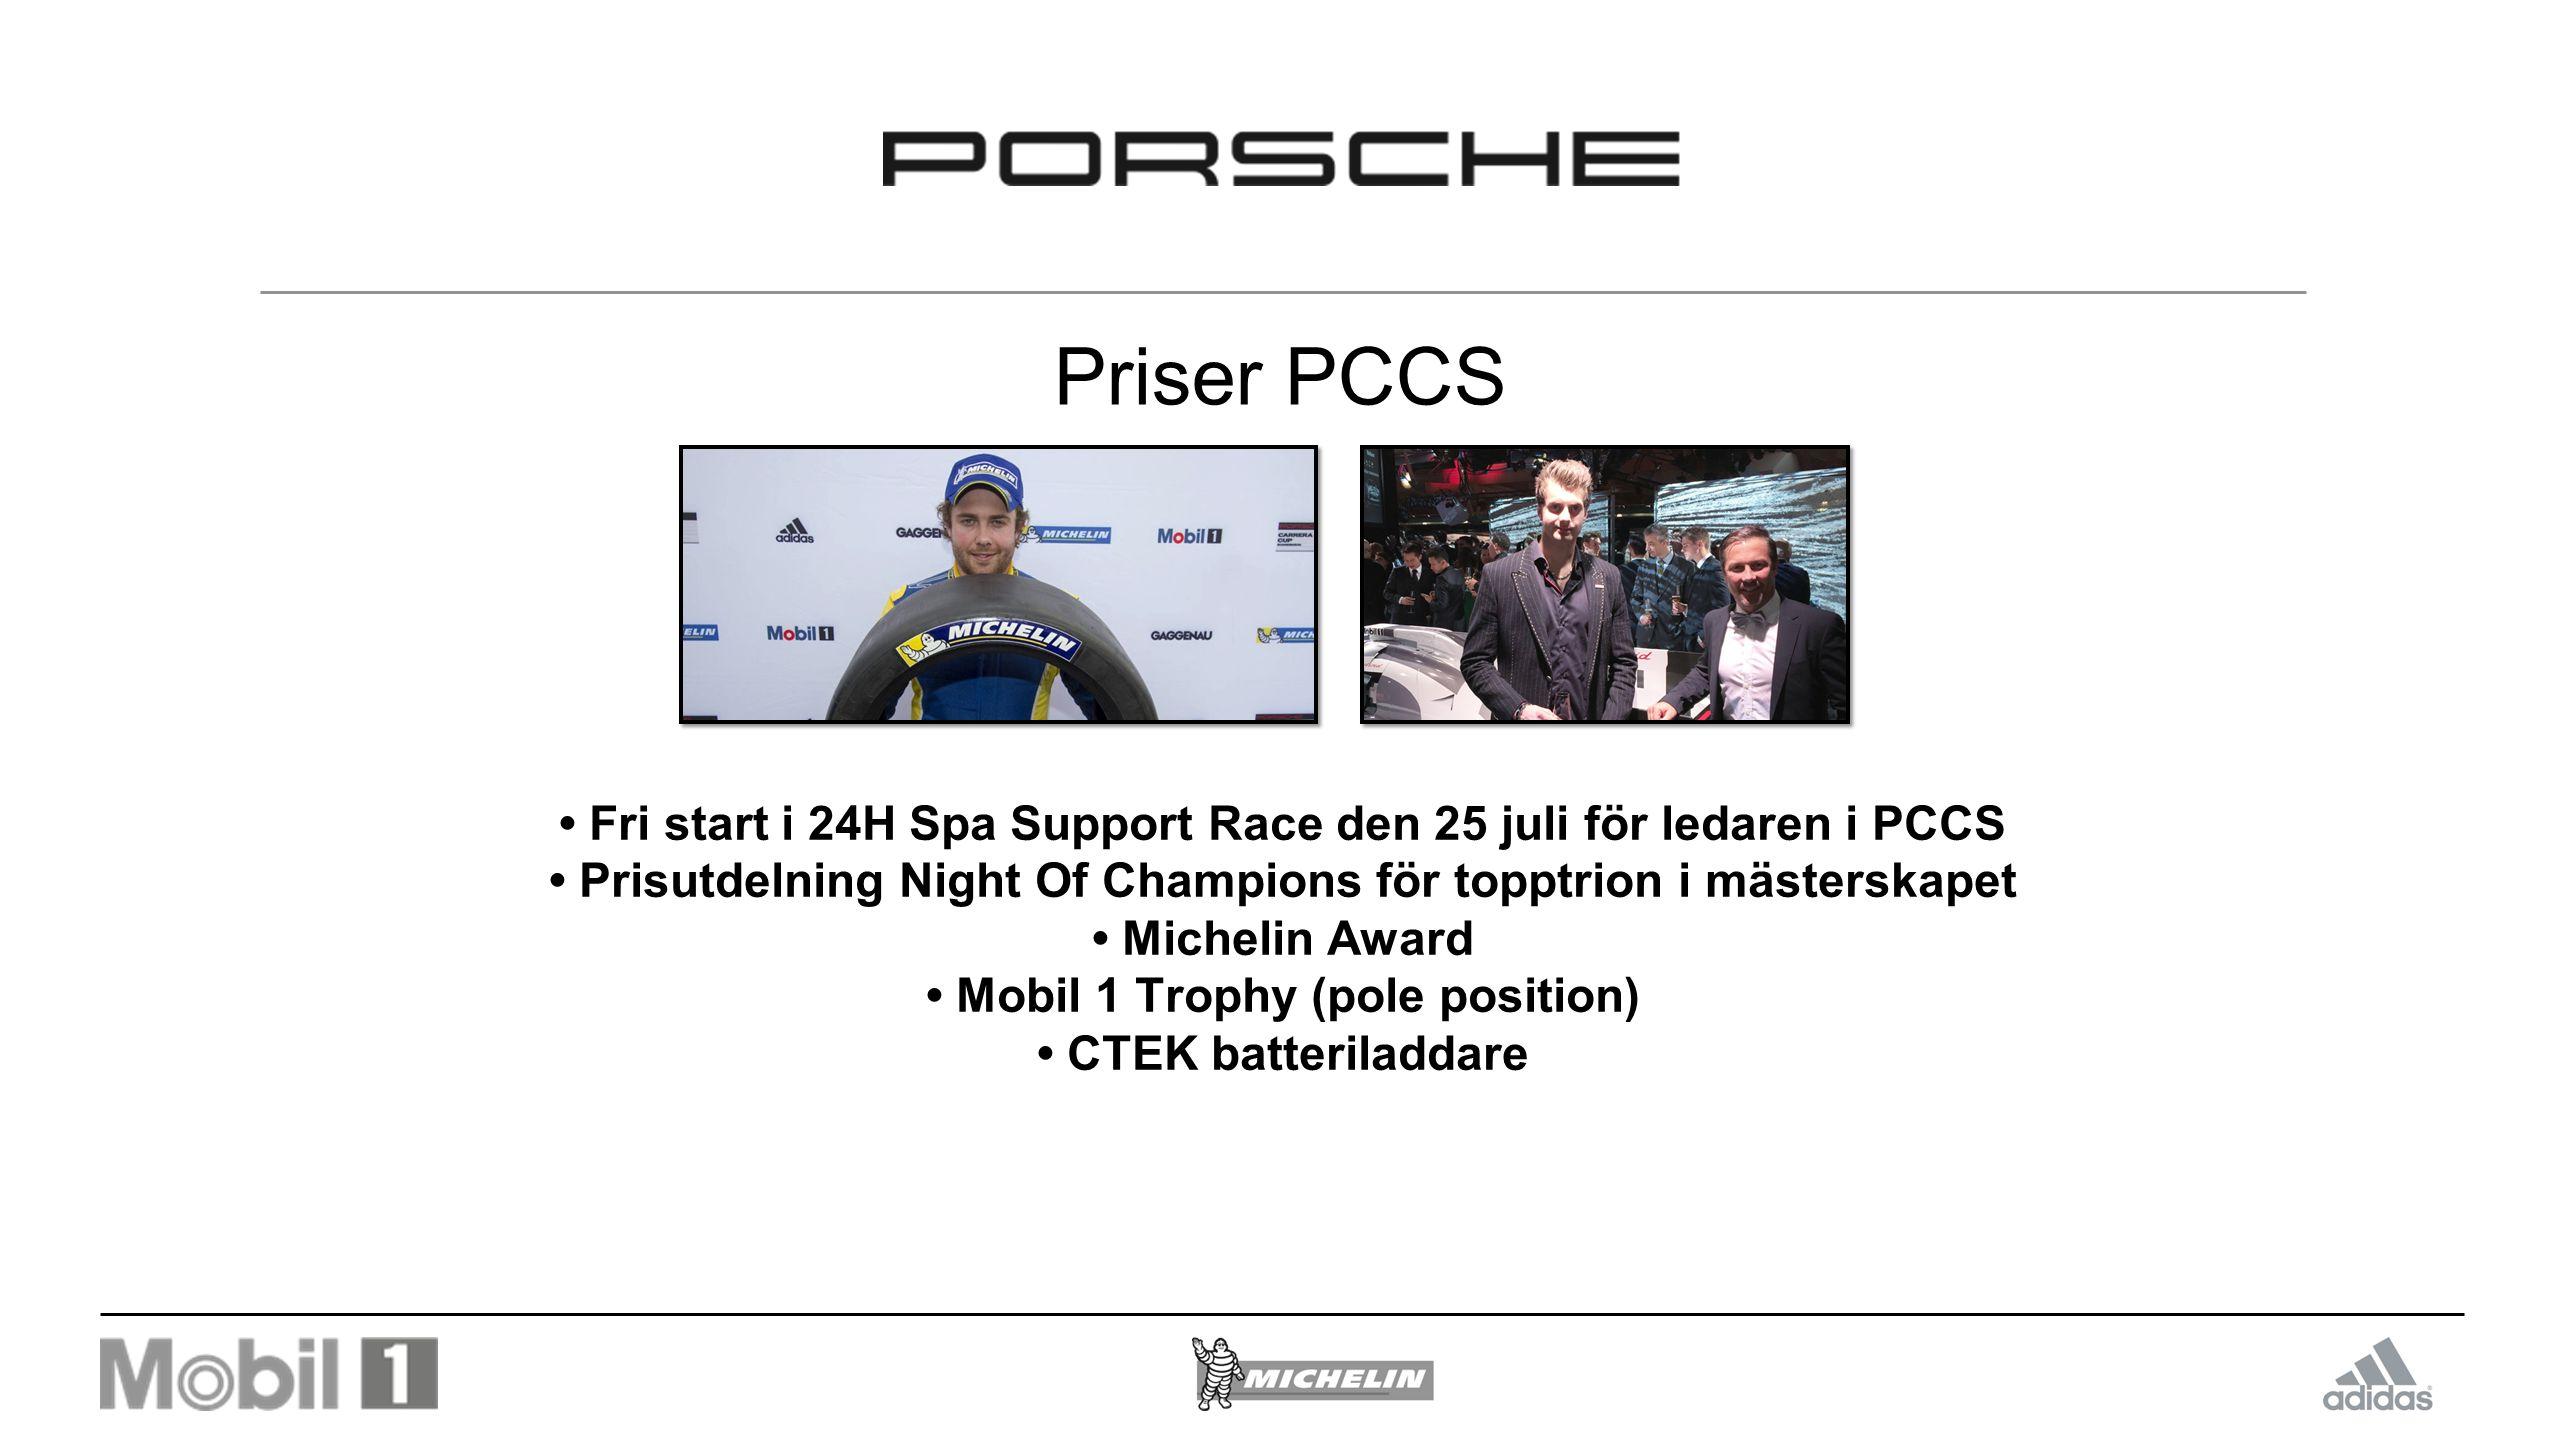 Priser PCCS Fri start i 24H Spa Support Race den 25 juli för ledaren i PCCS Prisutdelning Night Of Champions för topptrion i mästerskapet Michelin Award Mobil 1 Trophy (pole position) CTEK batteriladdare